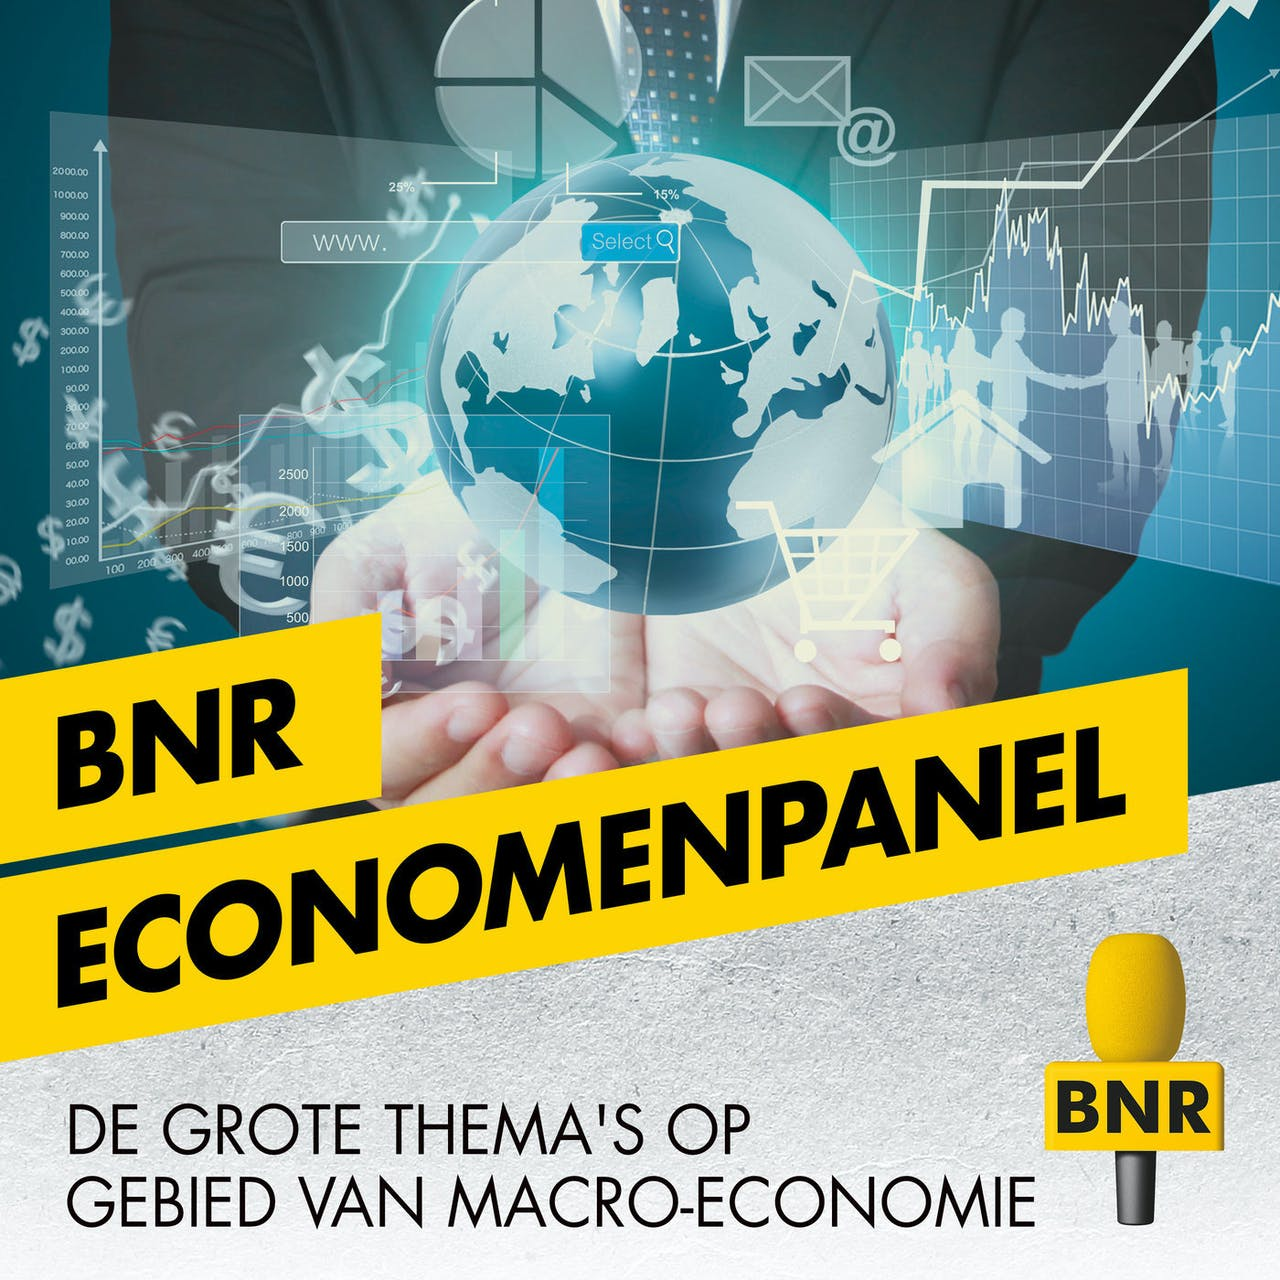 BNR radio vormgeving voor de losse programma's economenpanel